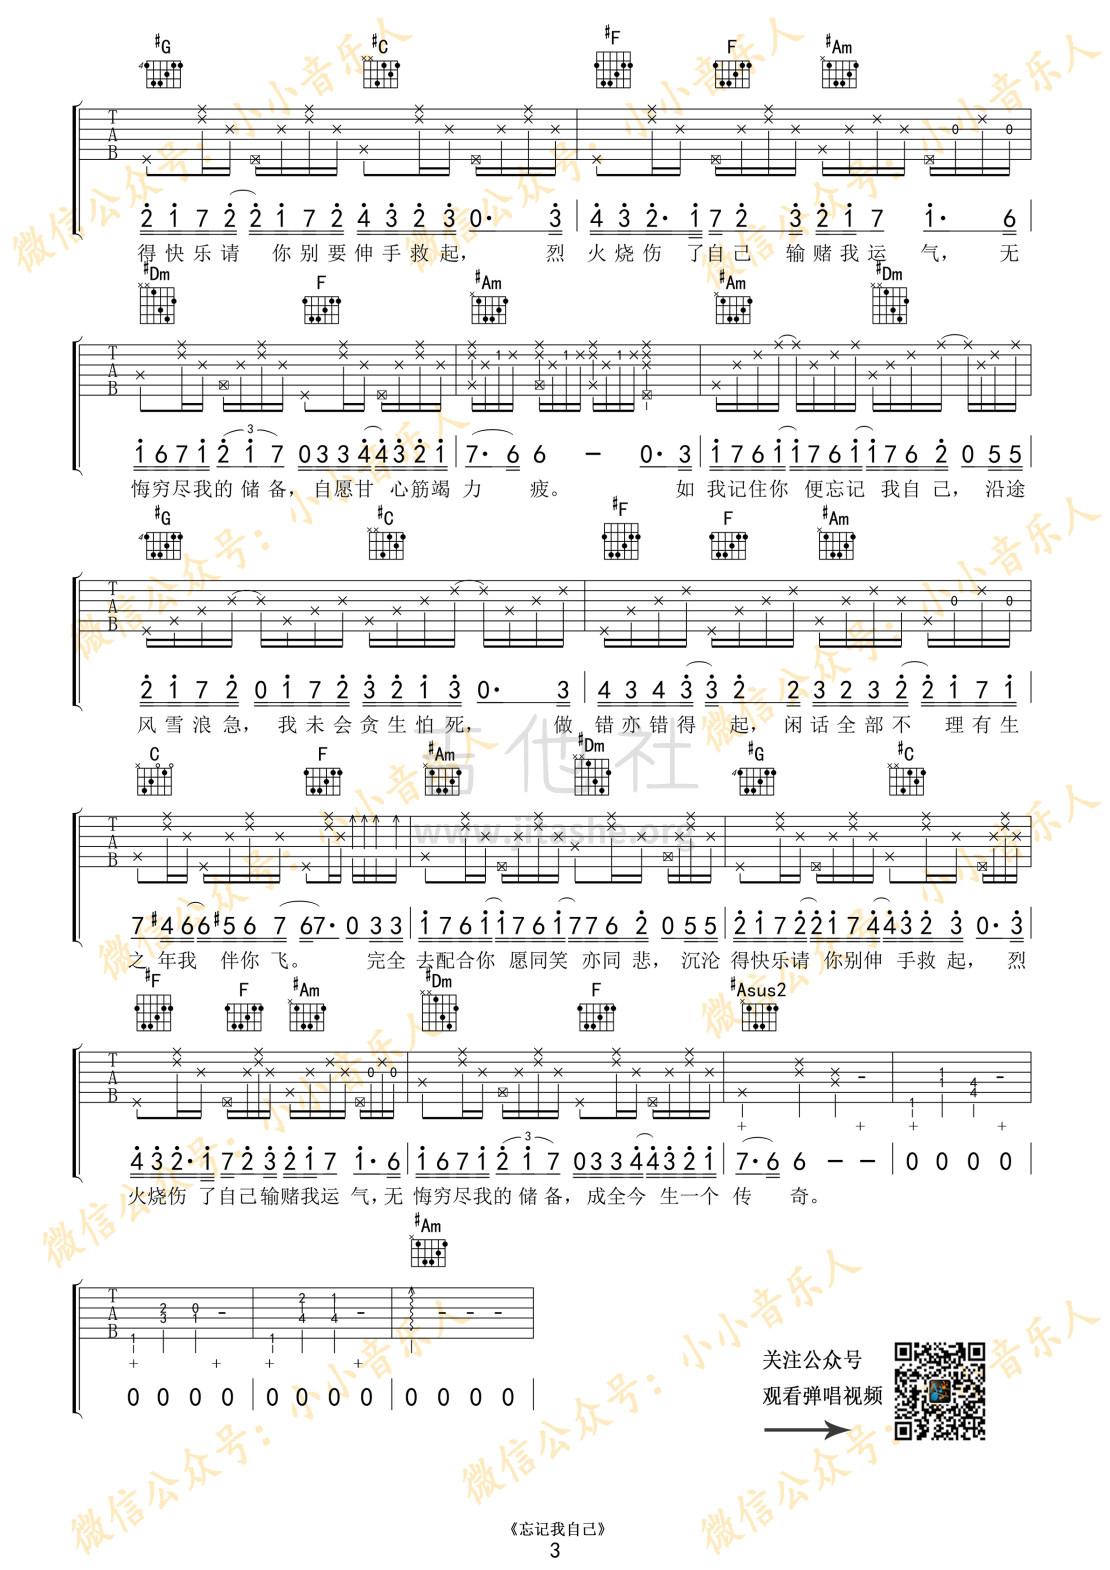 忘记我自己(电视剧《使徒行者2》片尾曲cover)吉他谱(图片谱,弹唱,使徒行者,hana)_HANA菊梓乔_忘记我自己3